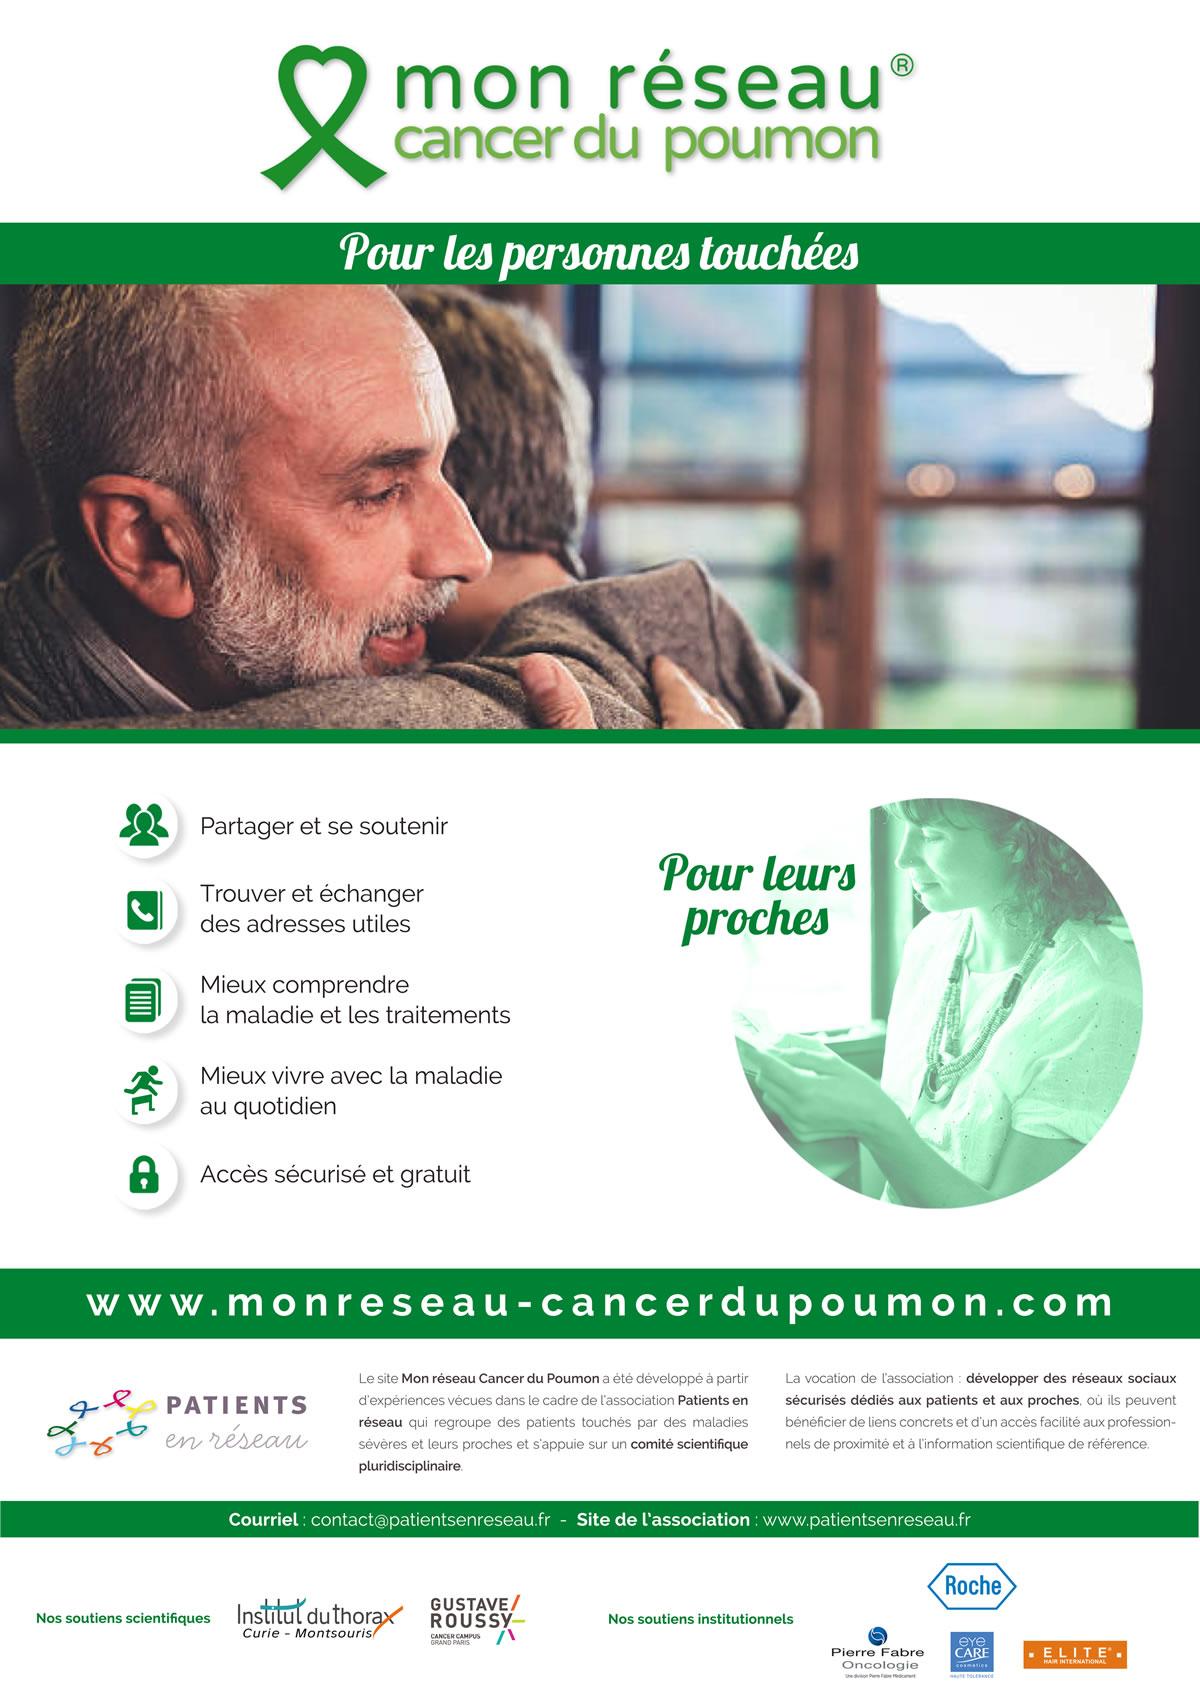 Réseau mon cancer du poumon